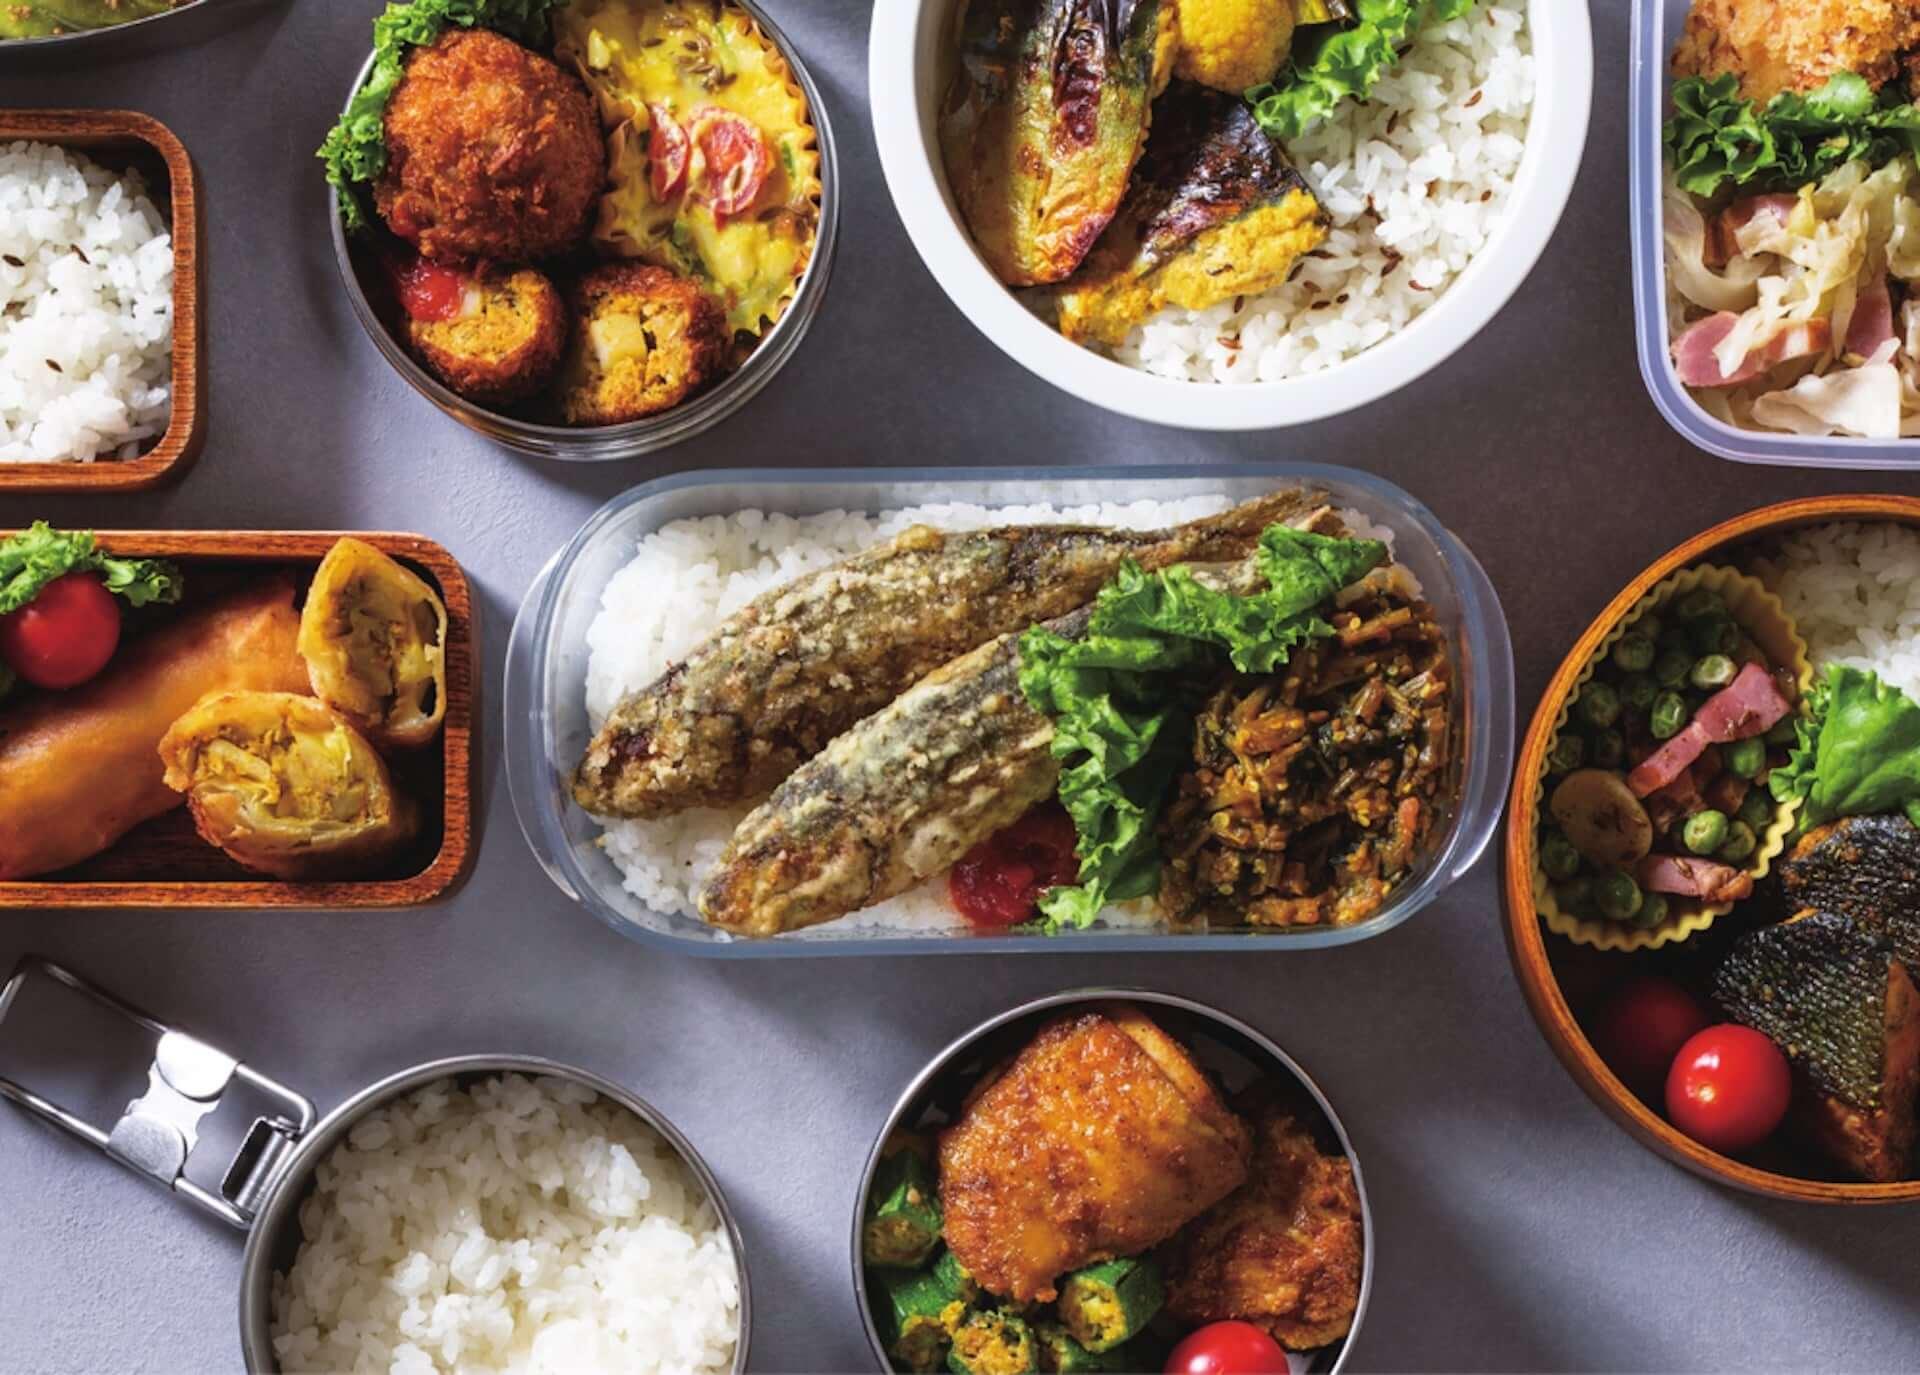 美味しい・簡単・ヘルシーを実現する「スパイス弁当」の魅力とは?印度カリー子が自身初のお弁当レシピ本『一肉一菜スパイス弁当』を発売 gourmet210122_spice-bento_1-1920x1375